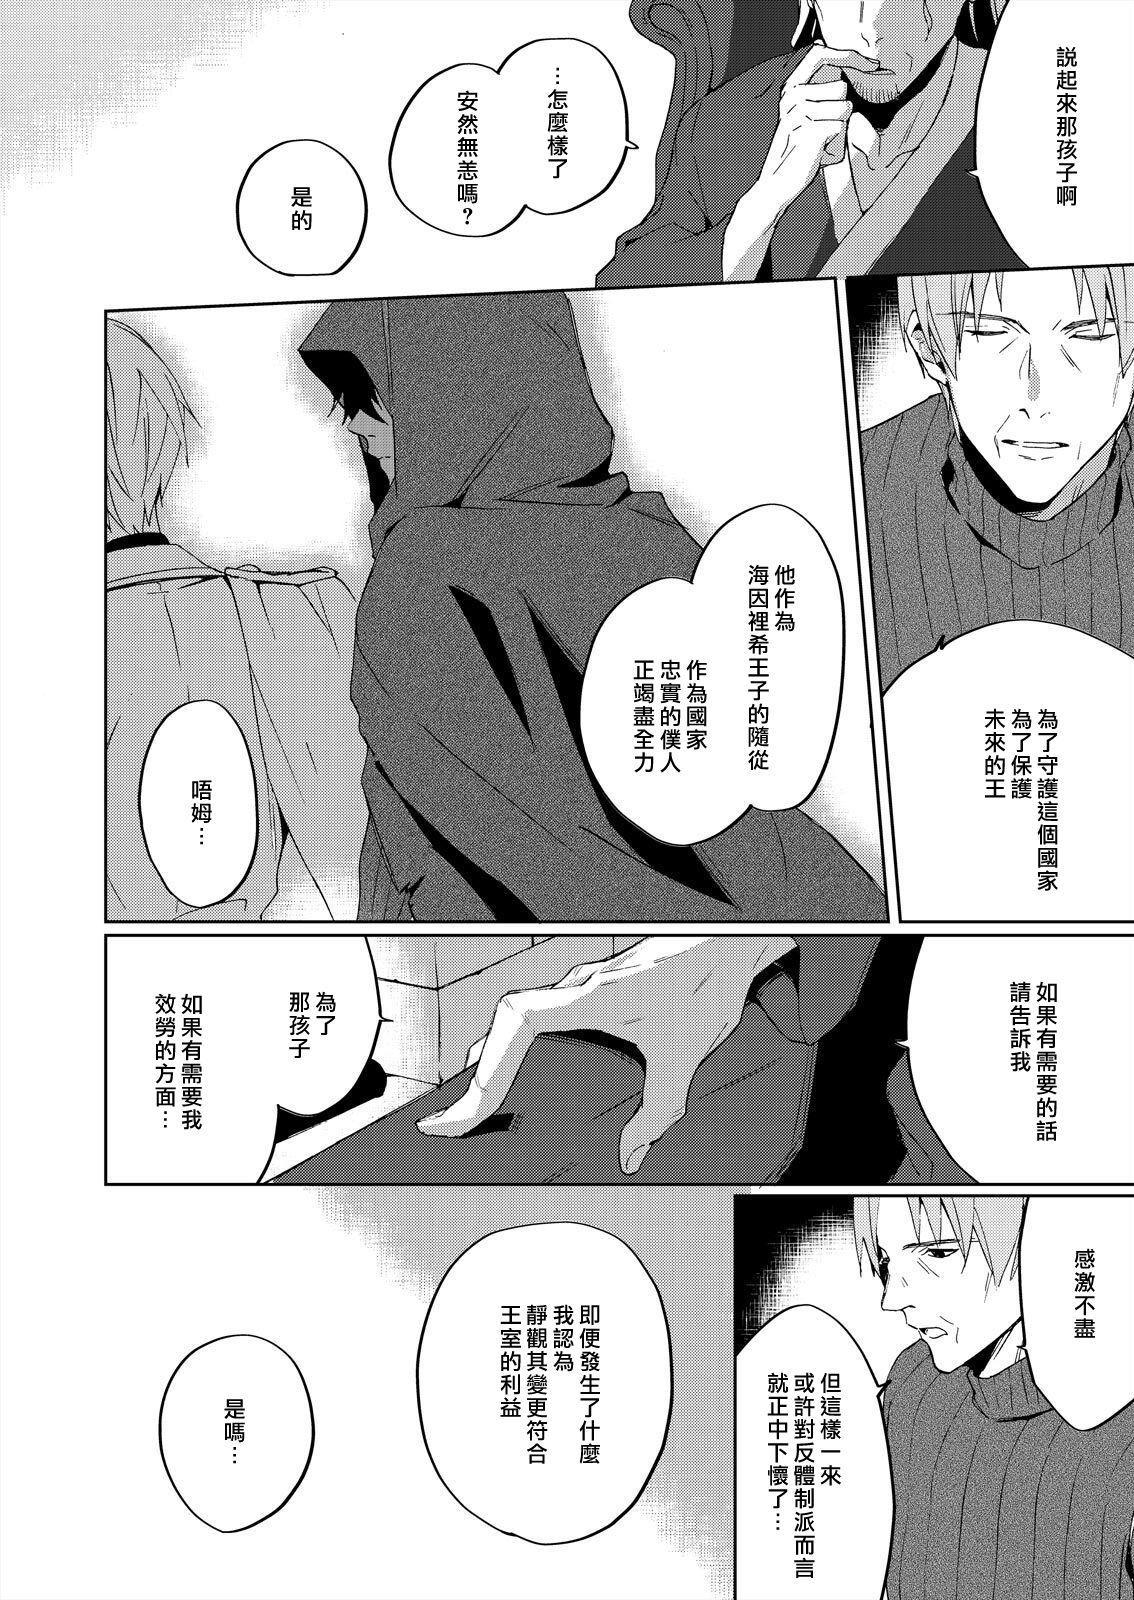 [Yuzushiwo] Akuyaku Reijou wa Ichizu ni Dekiai sarete ~Noumitsu Sex no Aite wa Juuboku~ | 被疯狂溺爱的反派大小姐~浓密性爱对象是仆从~ 1-4 [Chinese] [莉赛特汉化组] 17